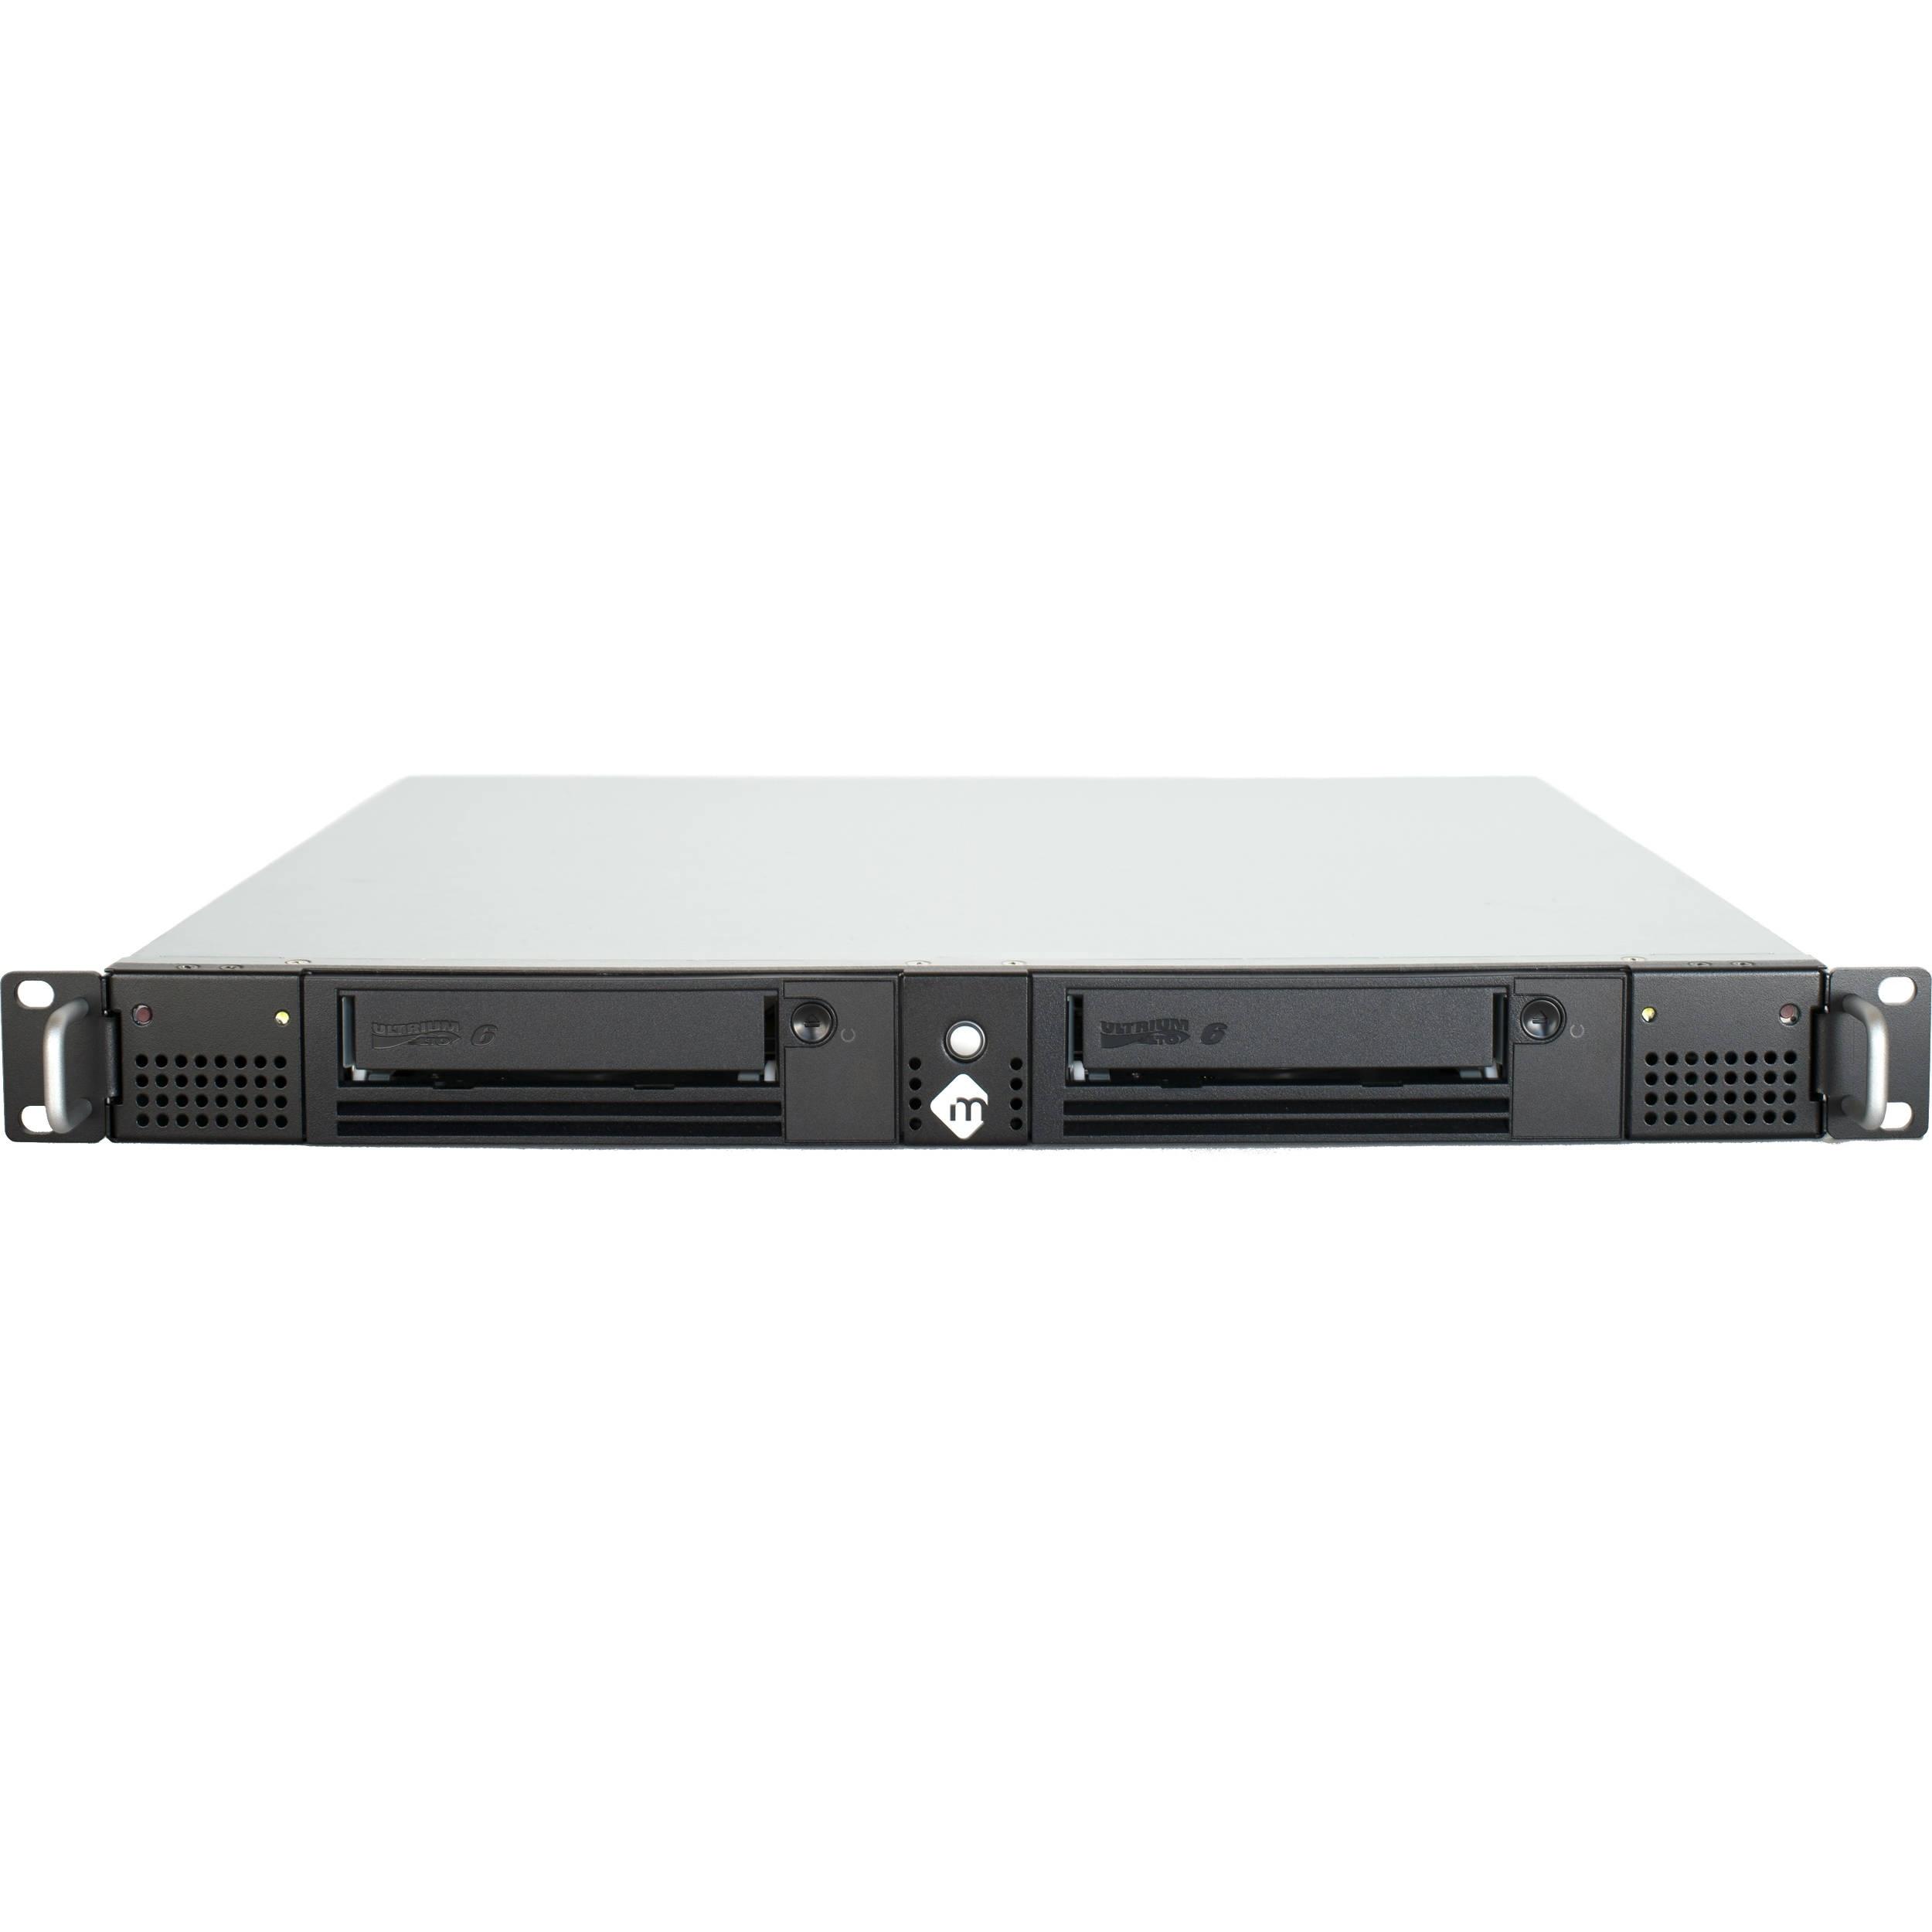 mLogic mRack Thunderbolt LTO-6 Dual Tape Archiving Solution